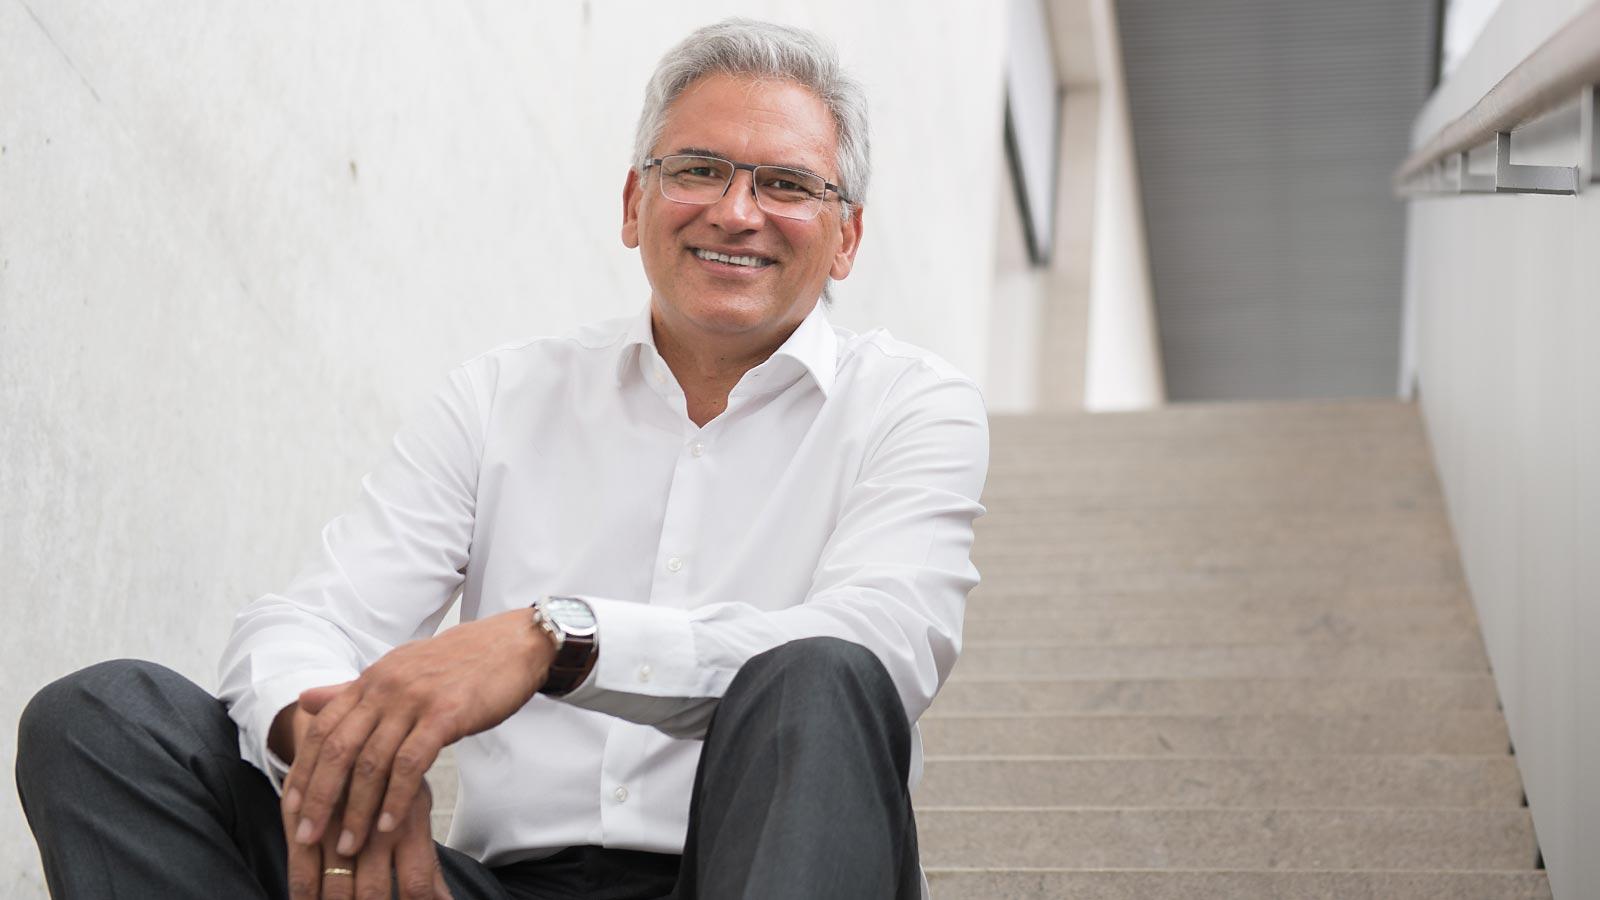 Gunter Czisch, Oberbürgermeister der Stadt Ulm, Wahlkampf